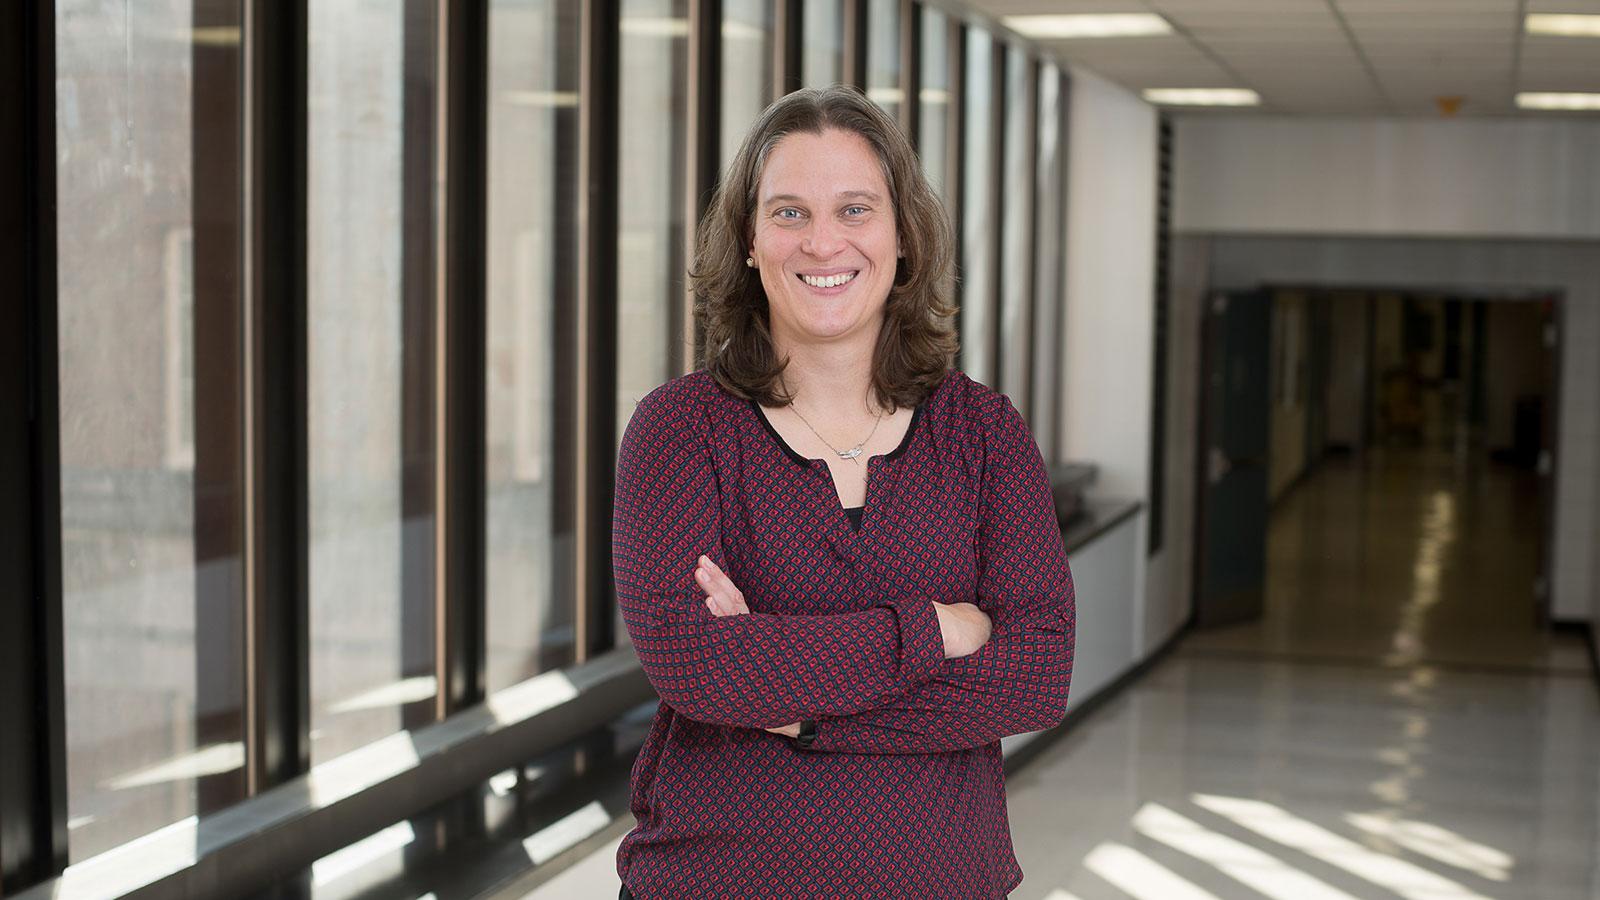 Kerry Danelson, PhD